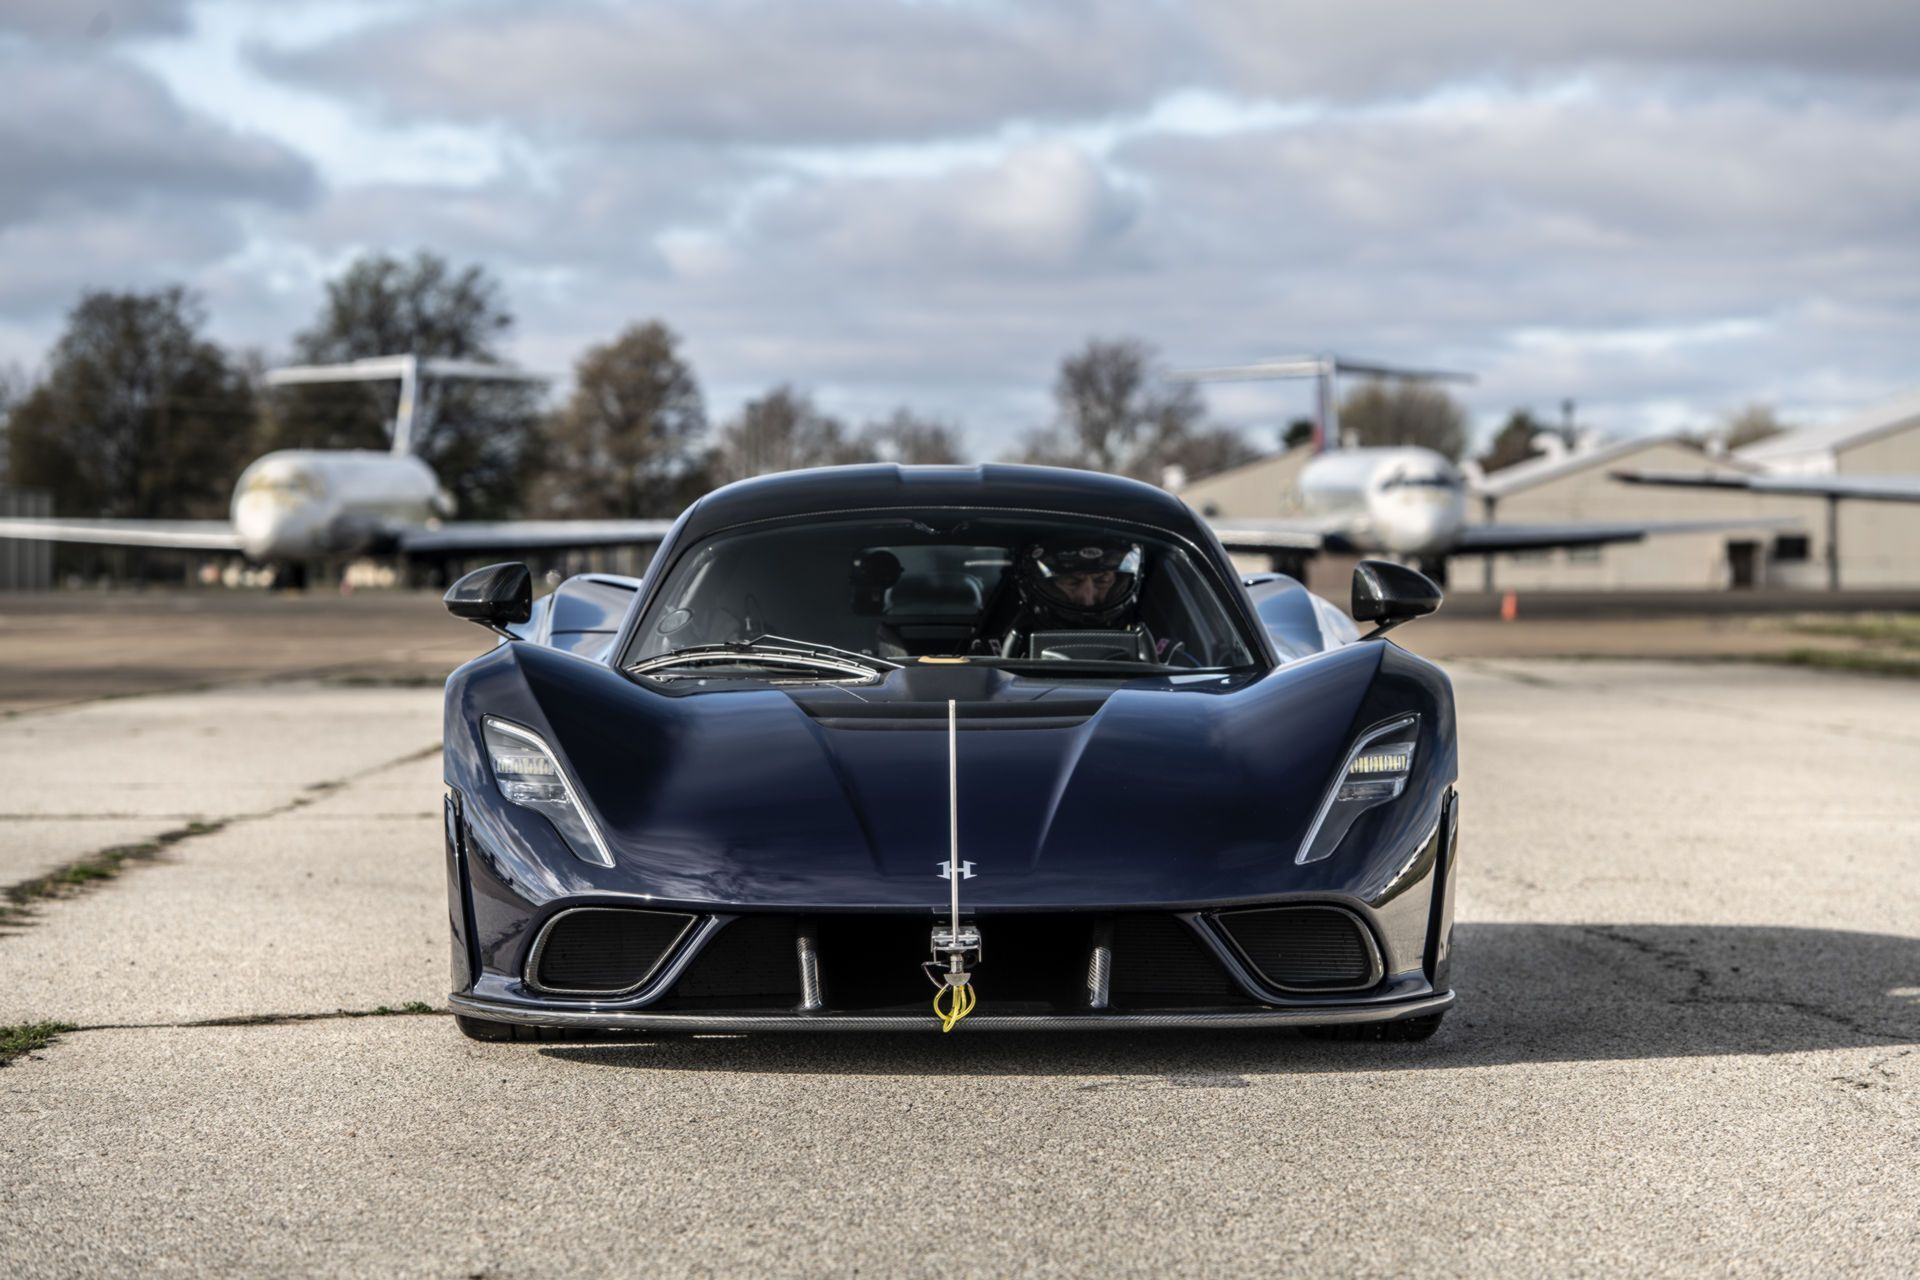 На взлетно-посадочной полосе Venom F5 разогнали до 200 миль в час (320 км/ч)